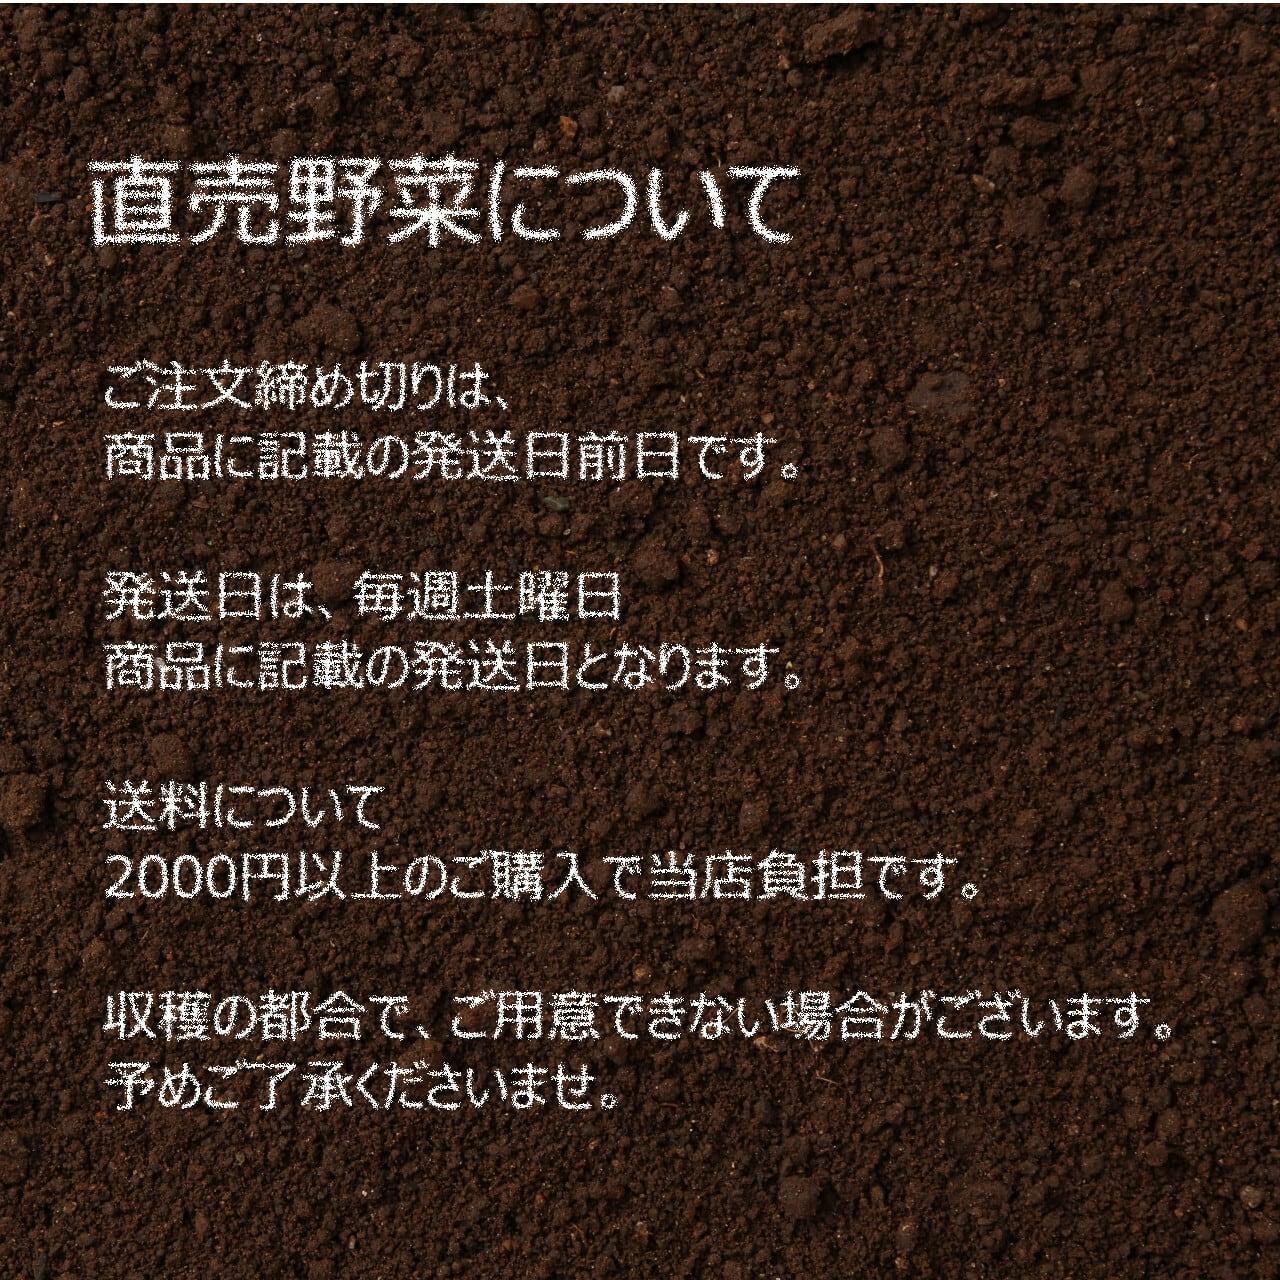 大根(ダイコン) 1本 約1.5kg(キロ) 葉無し 新鮮朝採り冬野菜